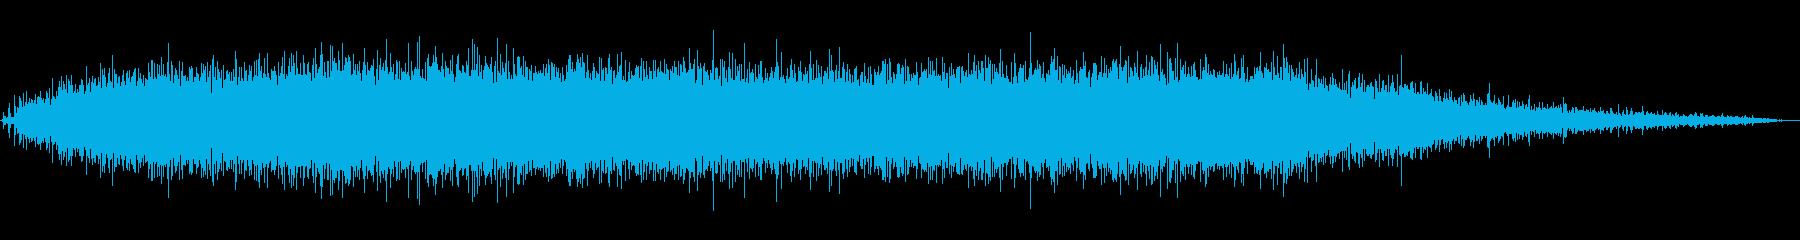 電動ハンドドリル:始動、運転、停止...の再生済みの波形